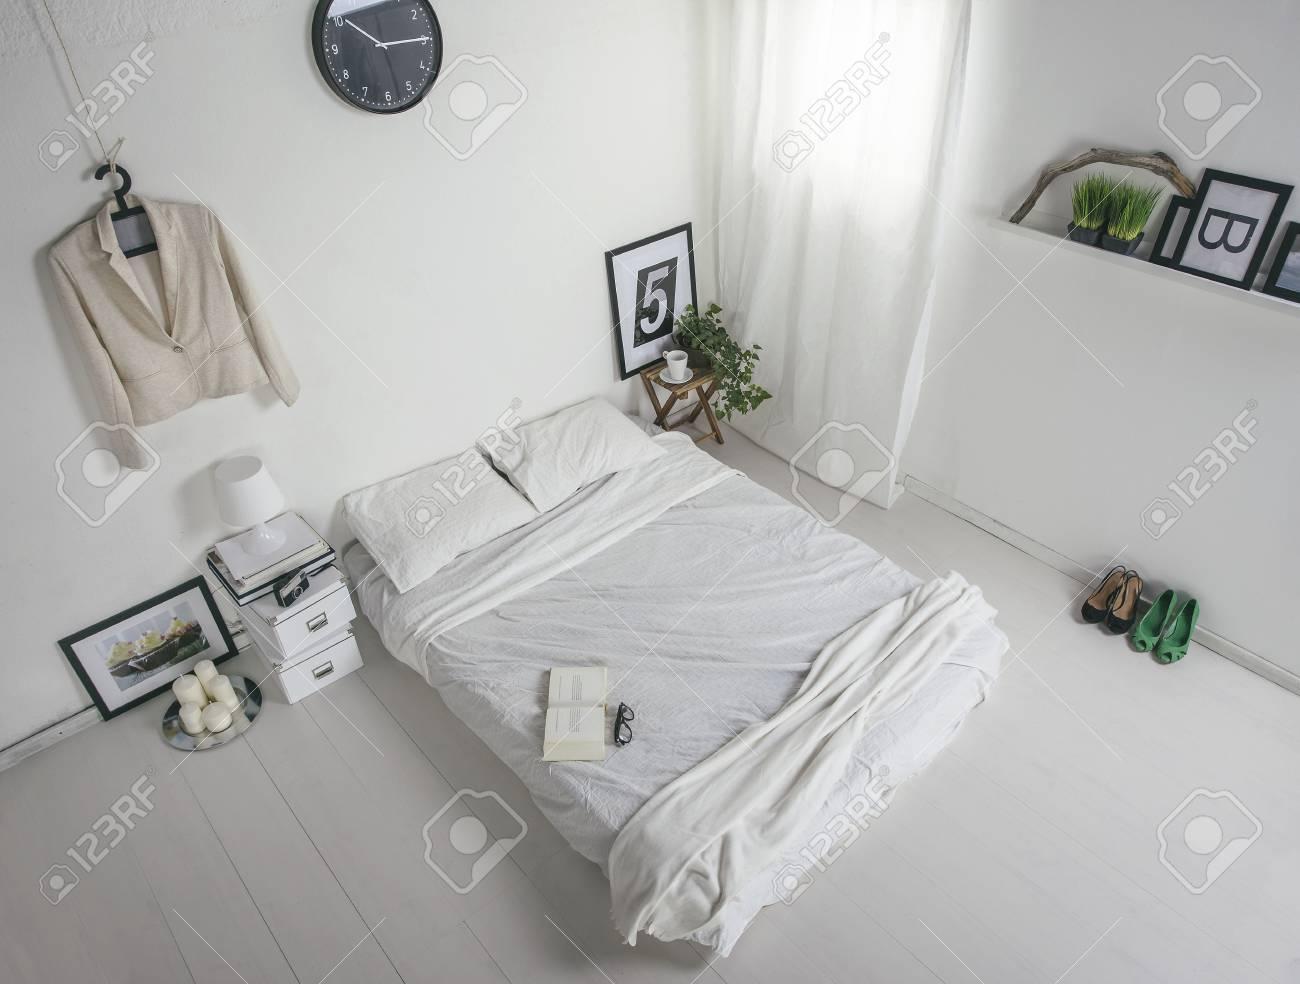 De Witte Slaapkamer : De witte slaapkamer royalty vrije foto plaatjes beelden en stock